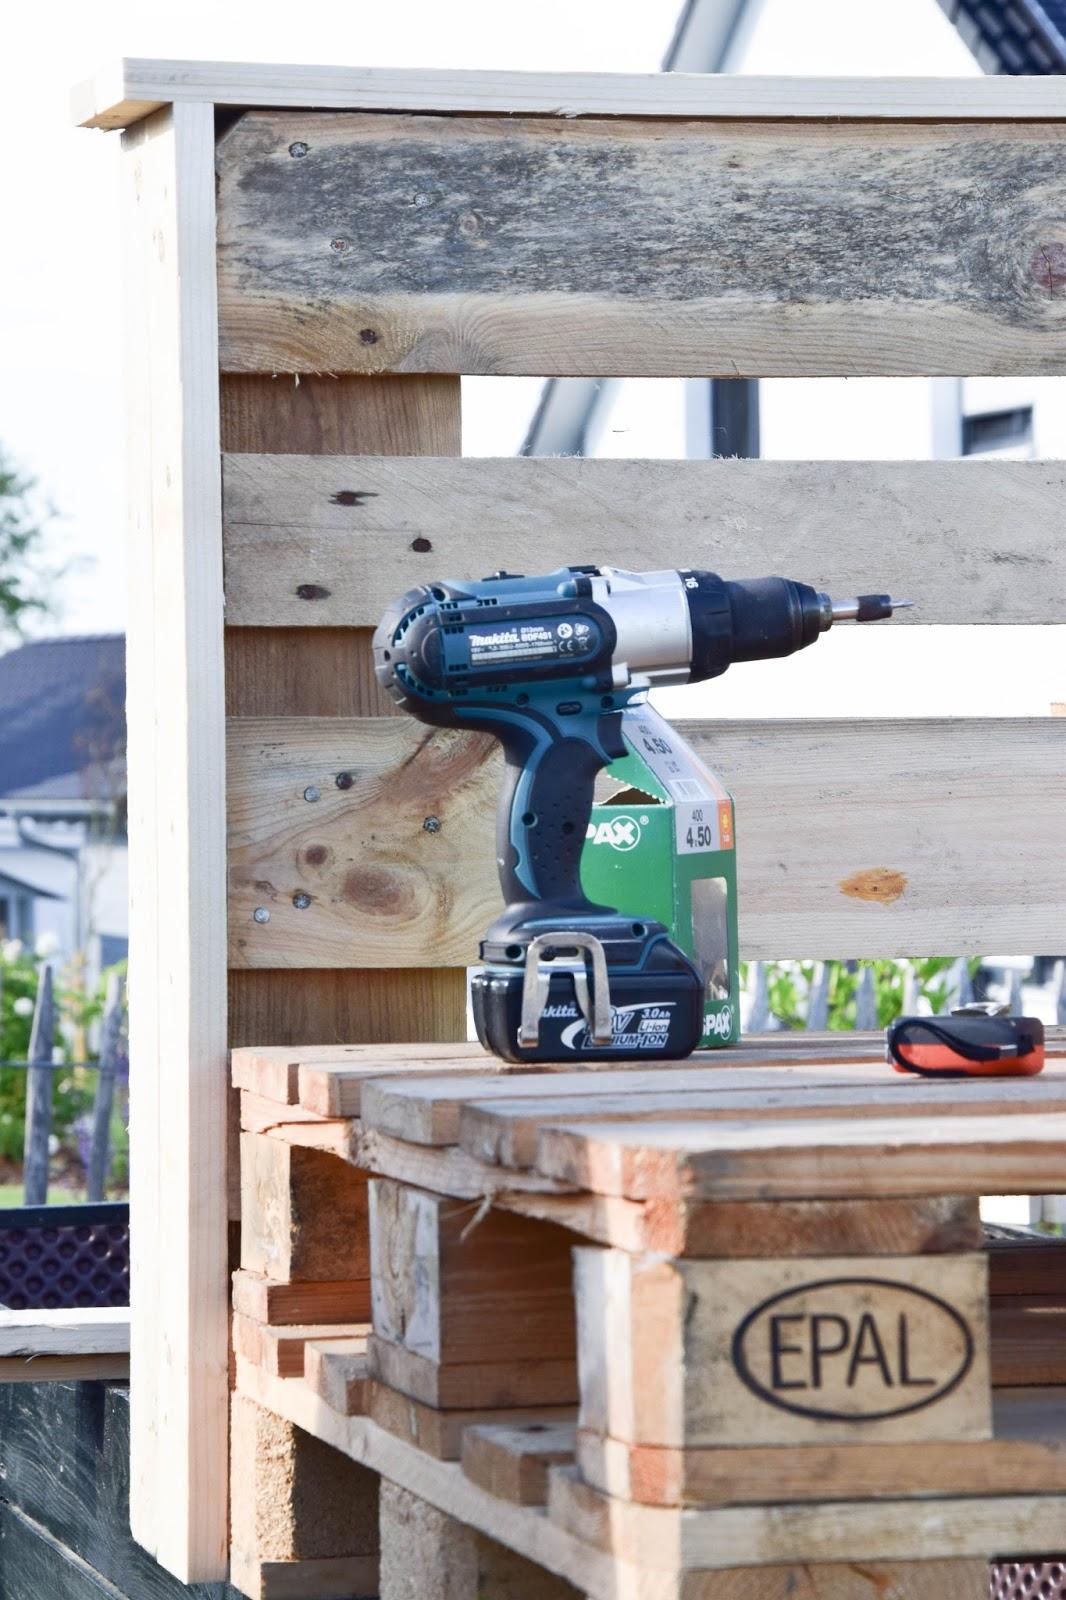 diy paletten sitzmöbel für terrasse dekoidee palettenmöbel gestaltung deko selbermachen europaletten